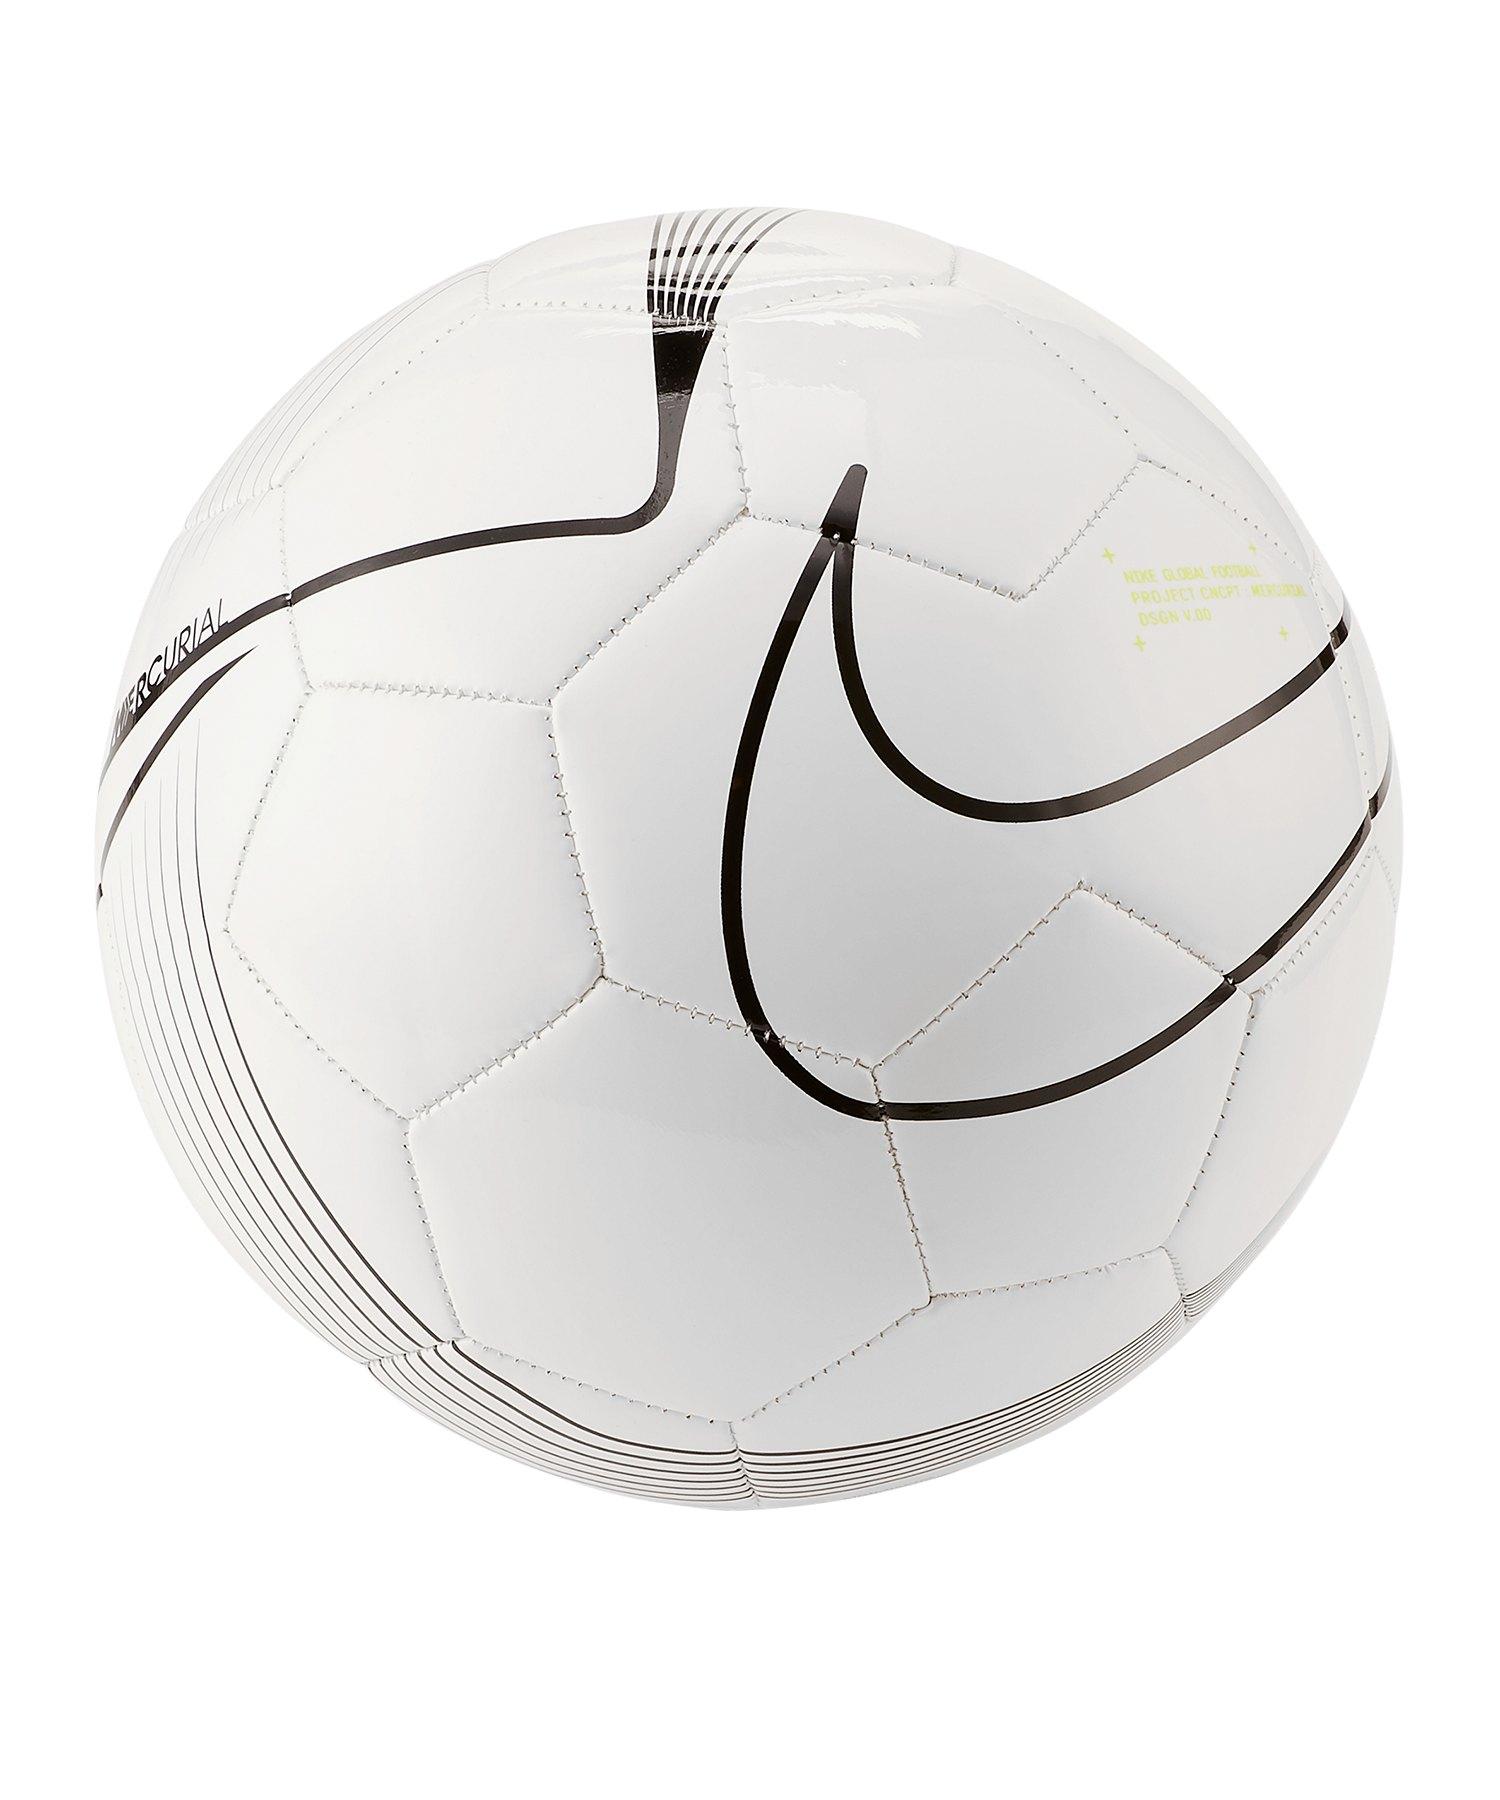 Nike Mercurial Fade Fussball Weiss F100 - weiss